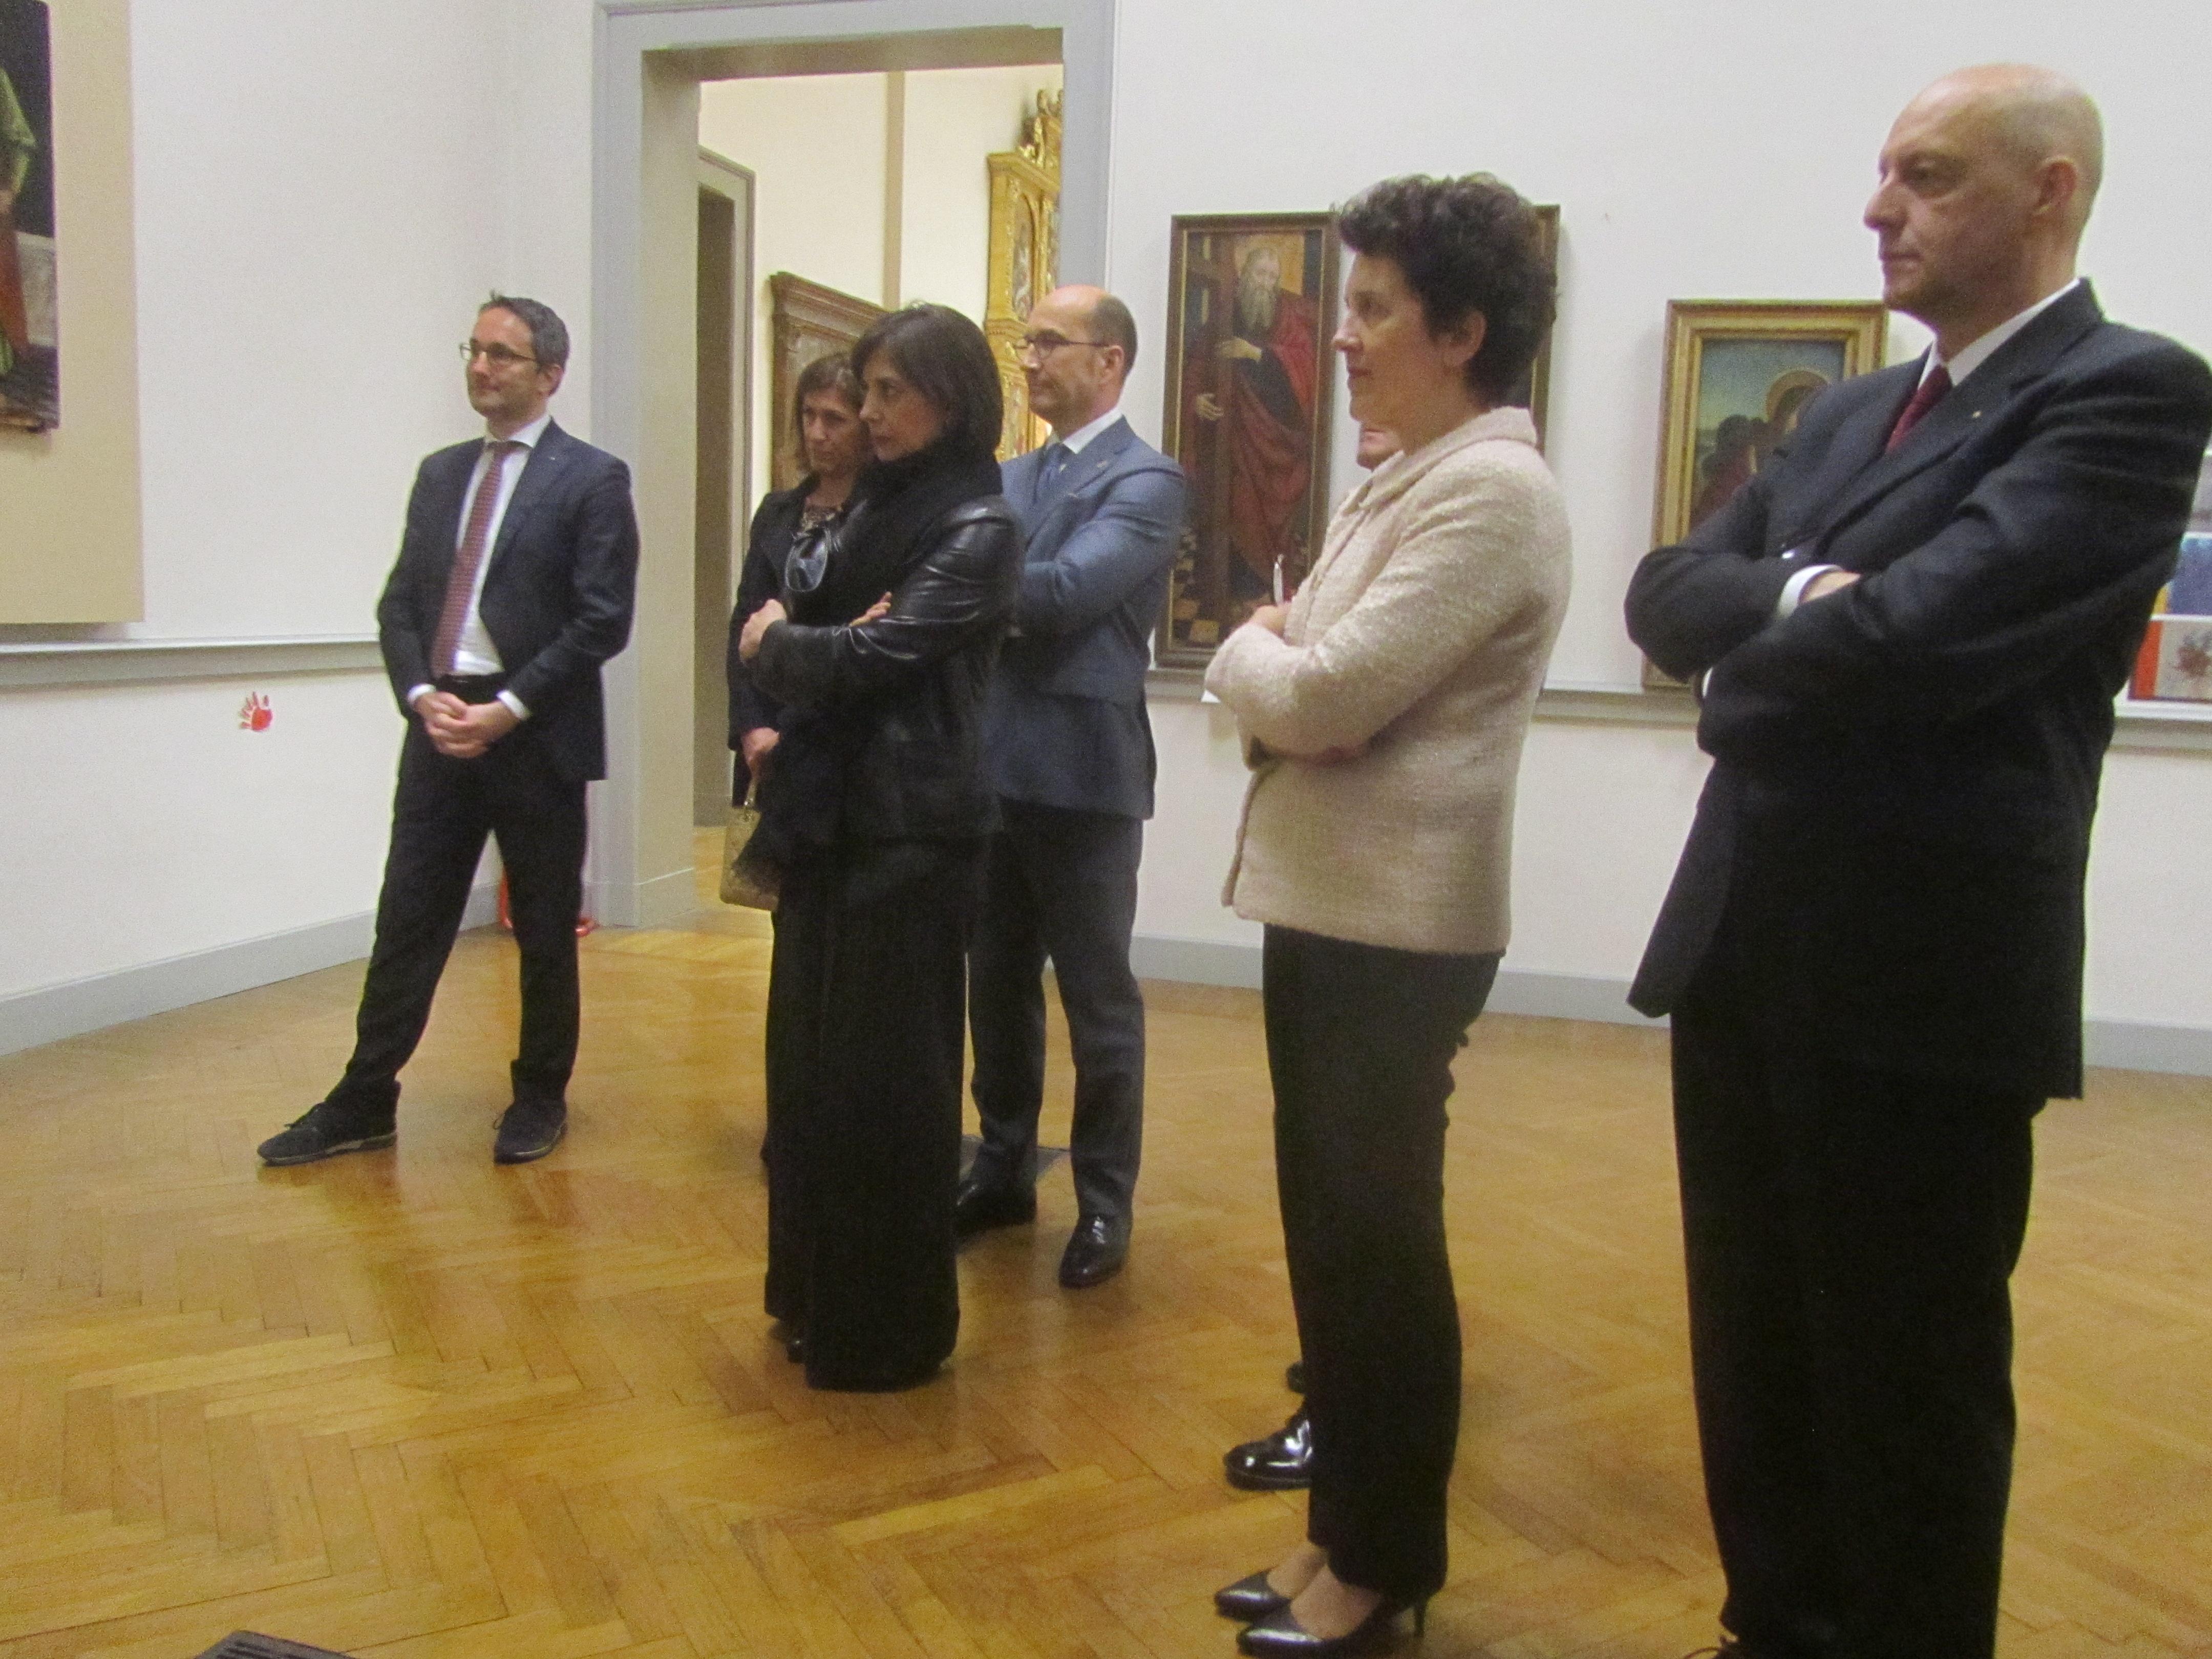 Concluse con esito positivo le indagini per il delitto al museo Borgogna